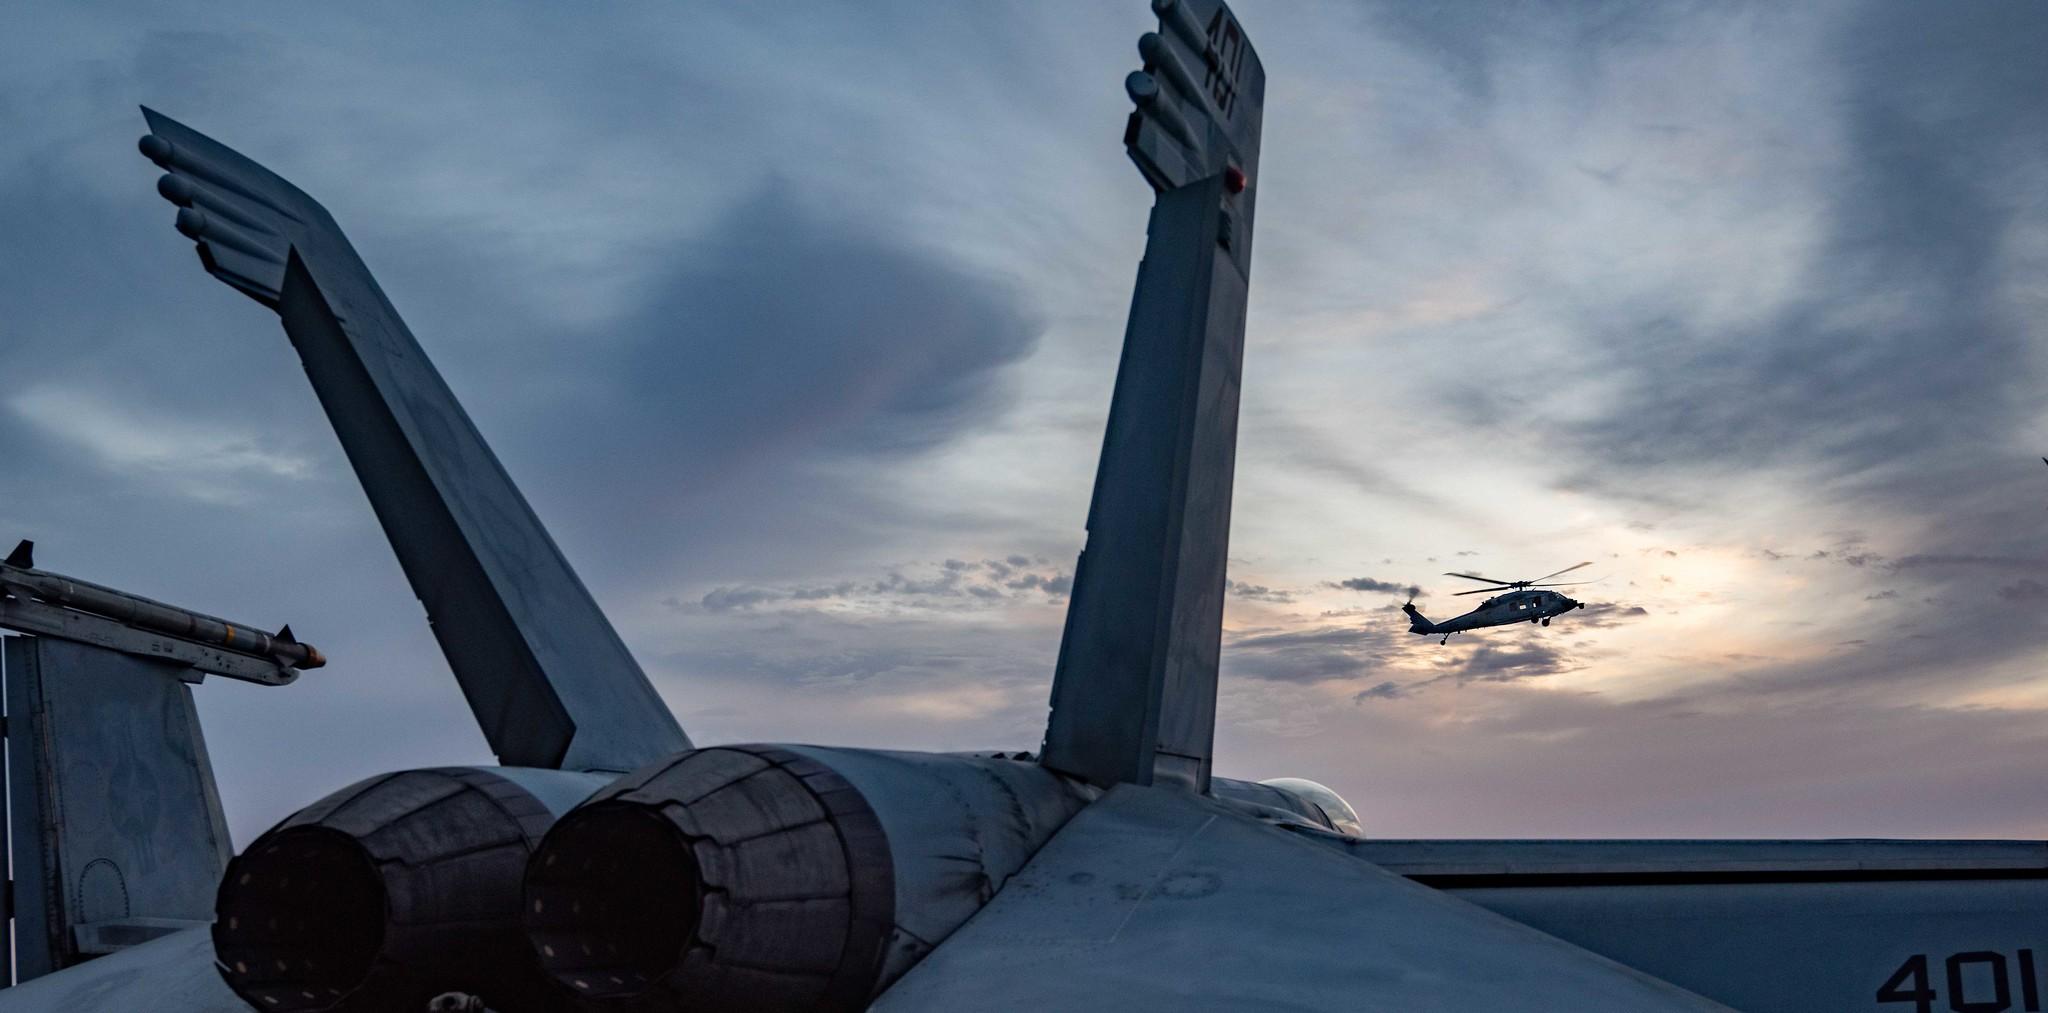 2021年9月19日,美軍的列根號航母(CVN76)從中東地區返回印度洋,一架直升機在甲板上方盤旋。(美國海軍)